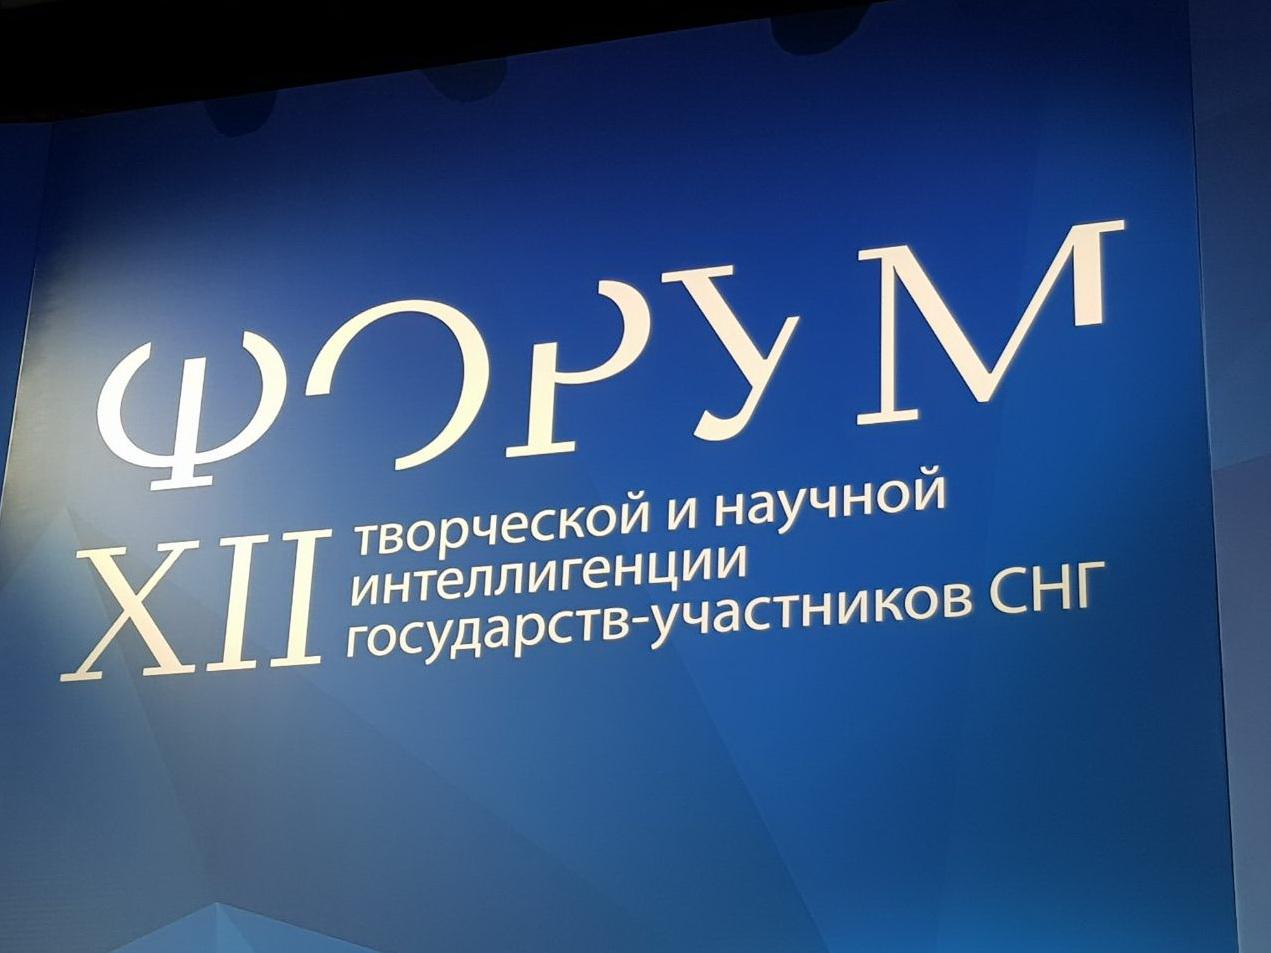 В Москве проходит XII Форум творческой и научной интеллигенции стран СНГ - ФОТО